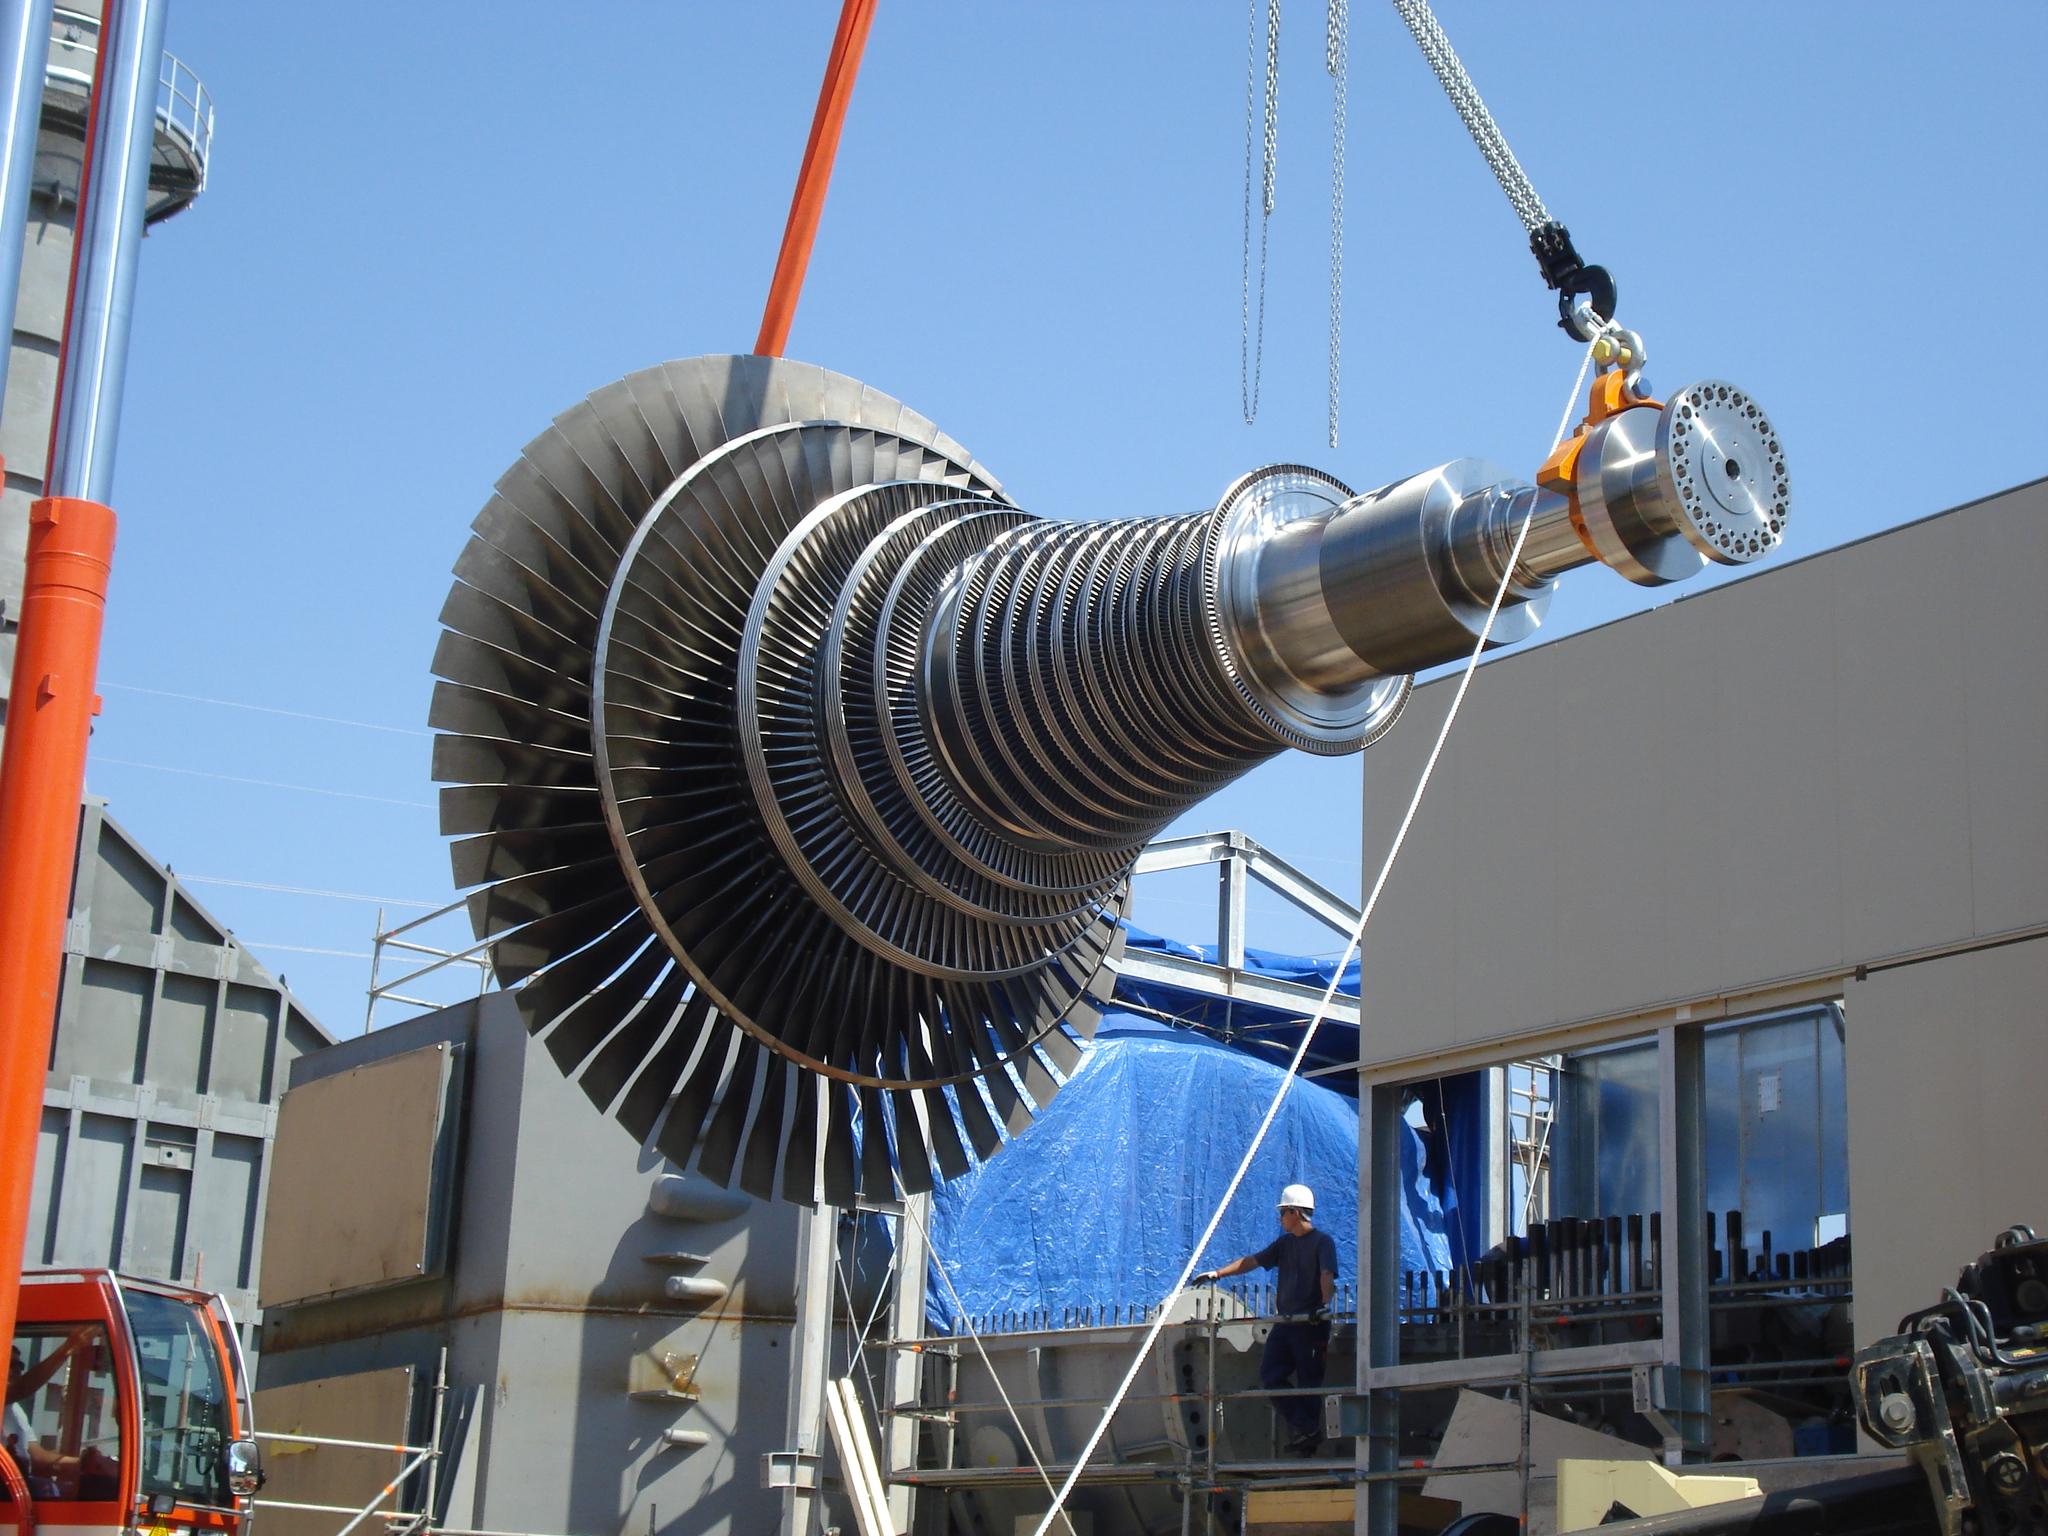 Montaje Mecánico Turbogrupo de Vapor SIEMENS SST-900 de 96 MW y condensador de 2 cuerpos.